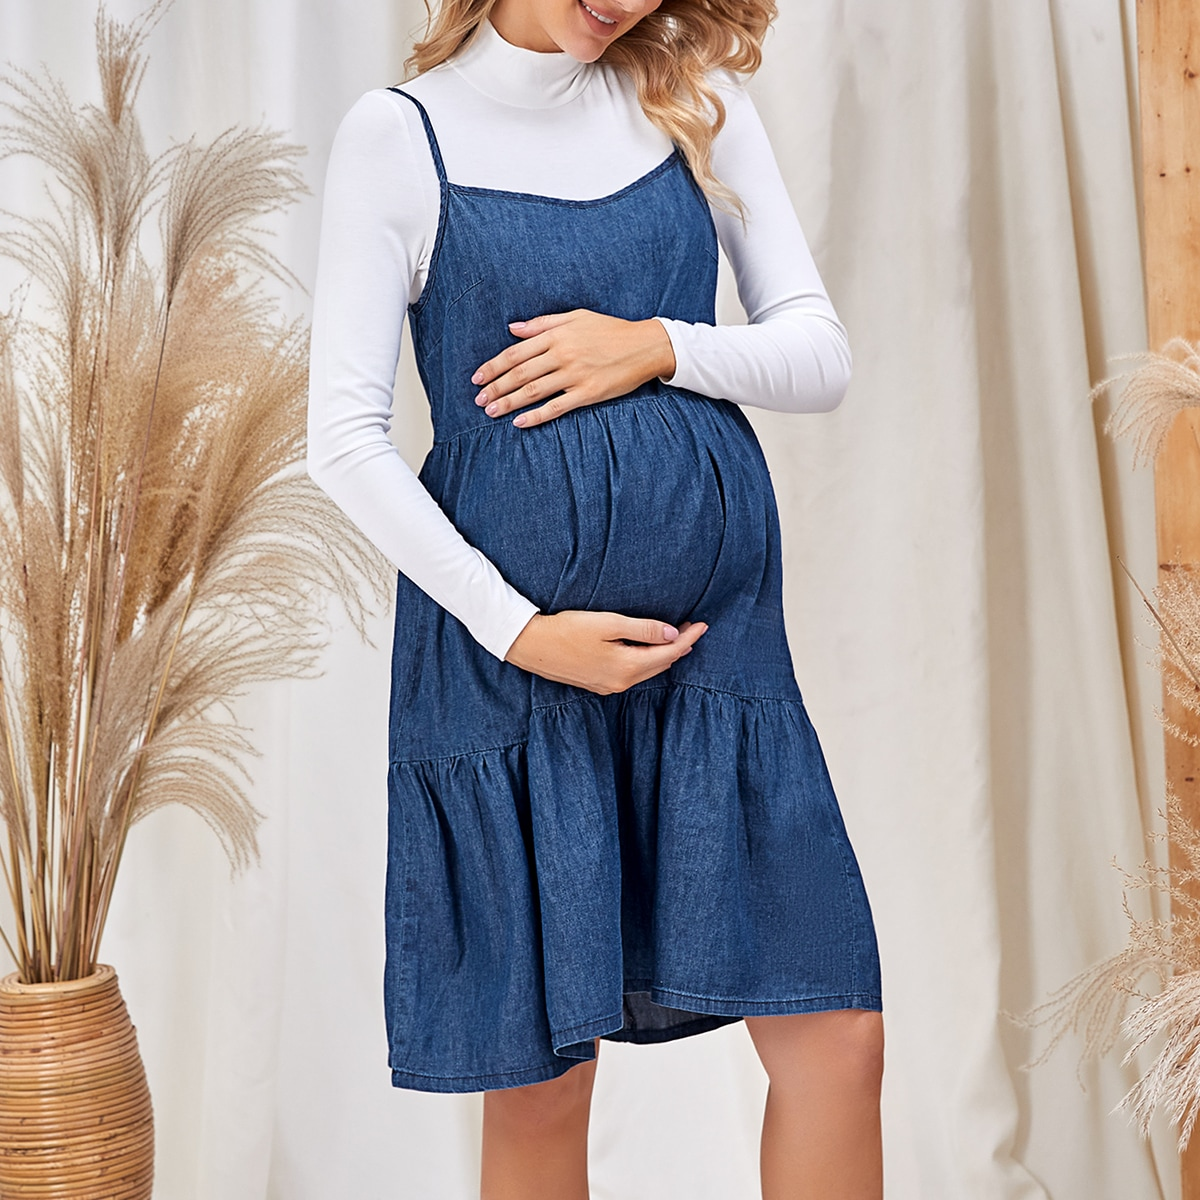 Застежка ровный цвет повседневный джинсовая одежда для беременных